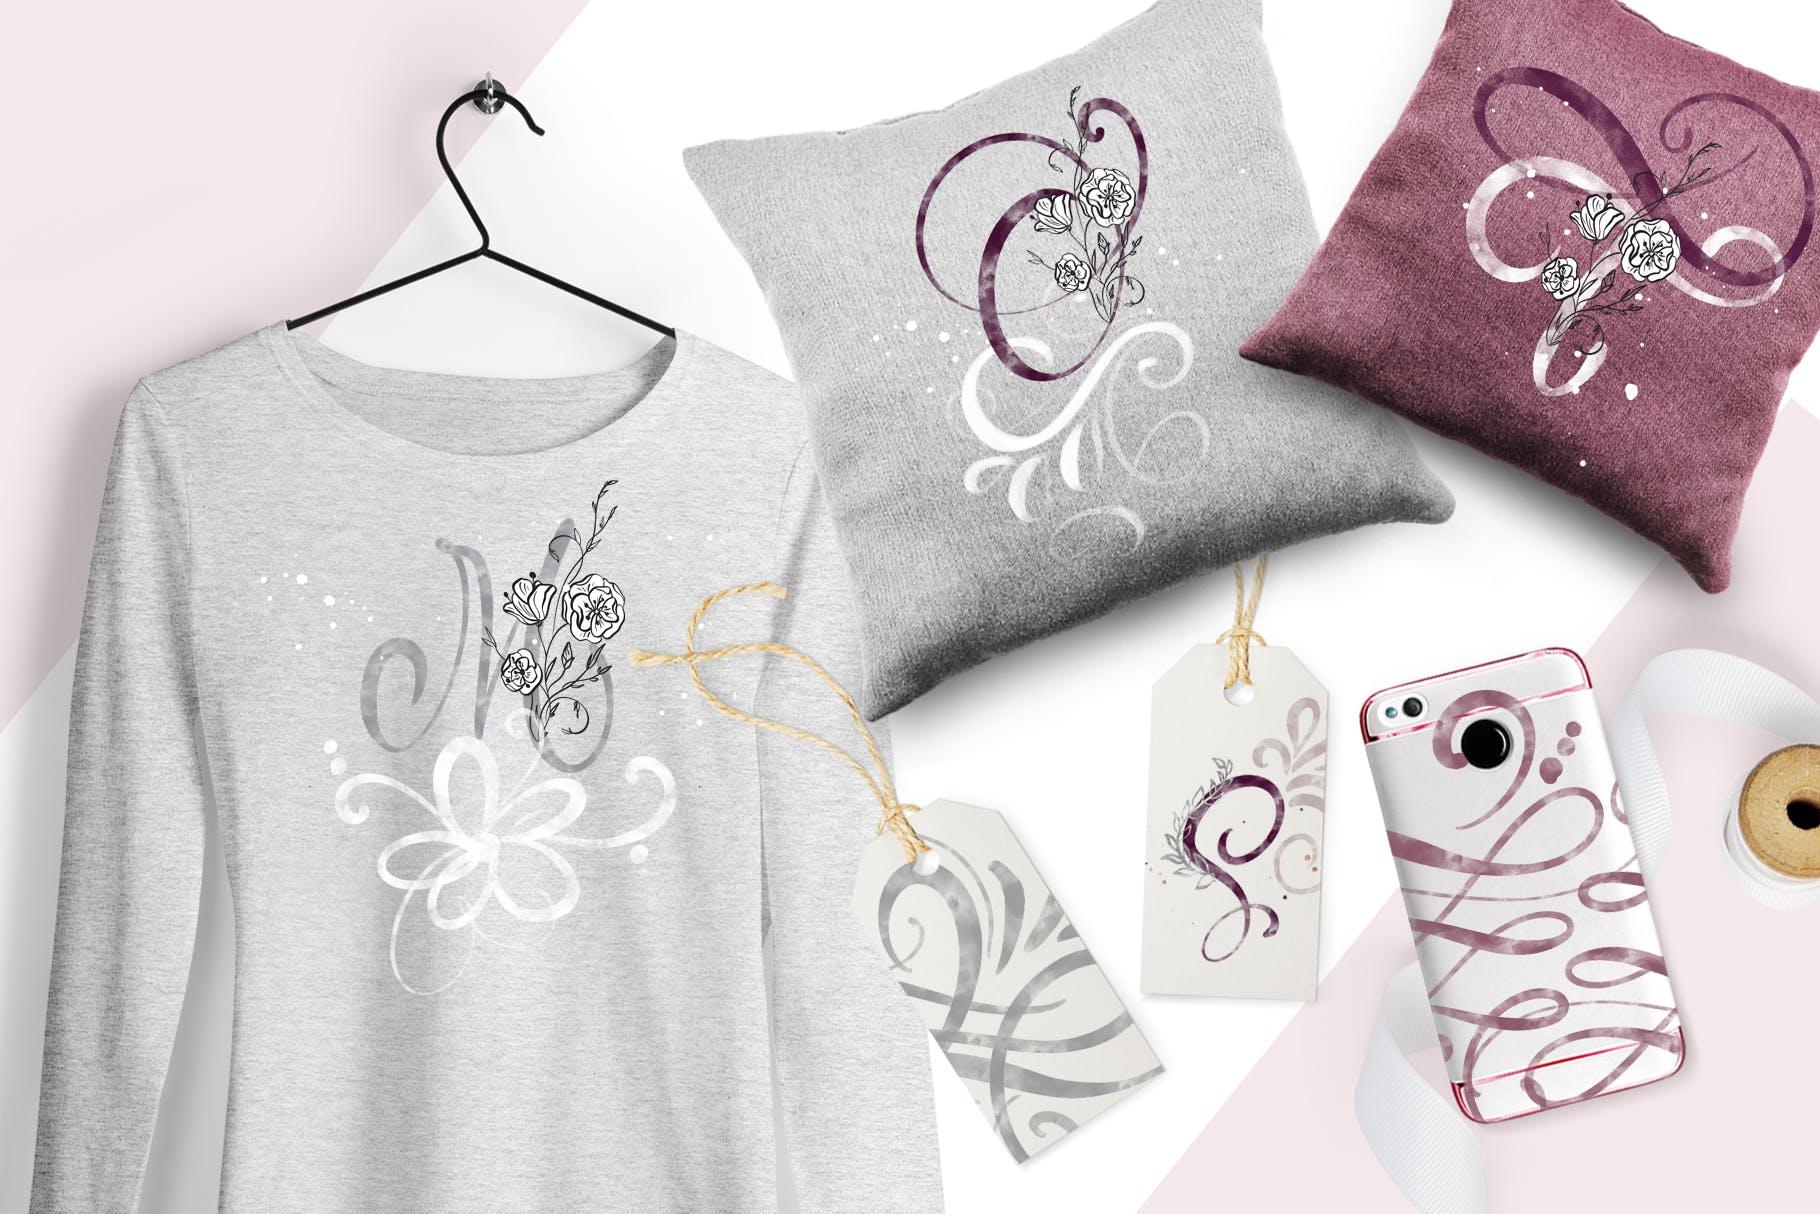 花卉字母水彩字母表装饰图案图片素材 Flowers Letters Watercolor Alphabet插图(1)